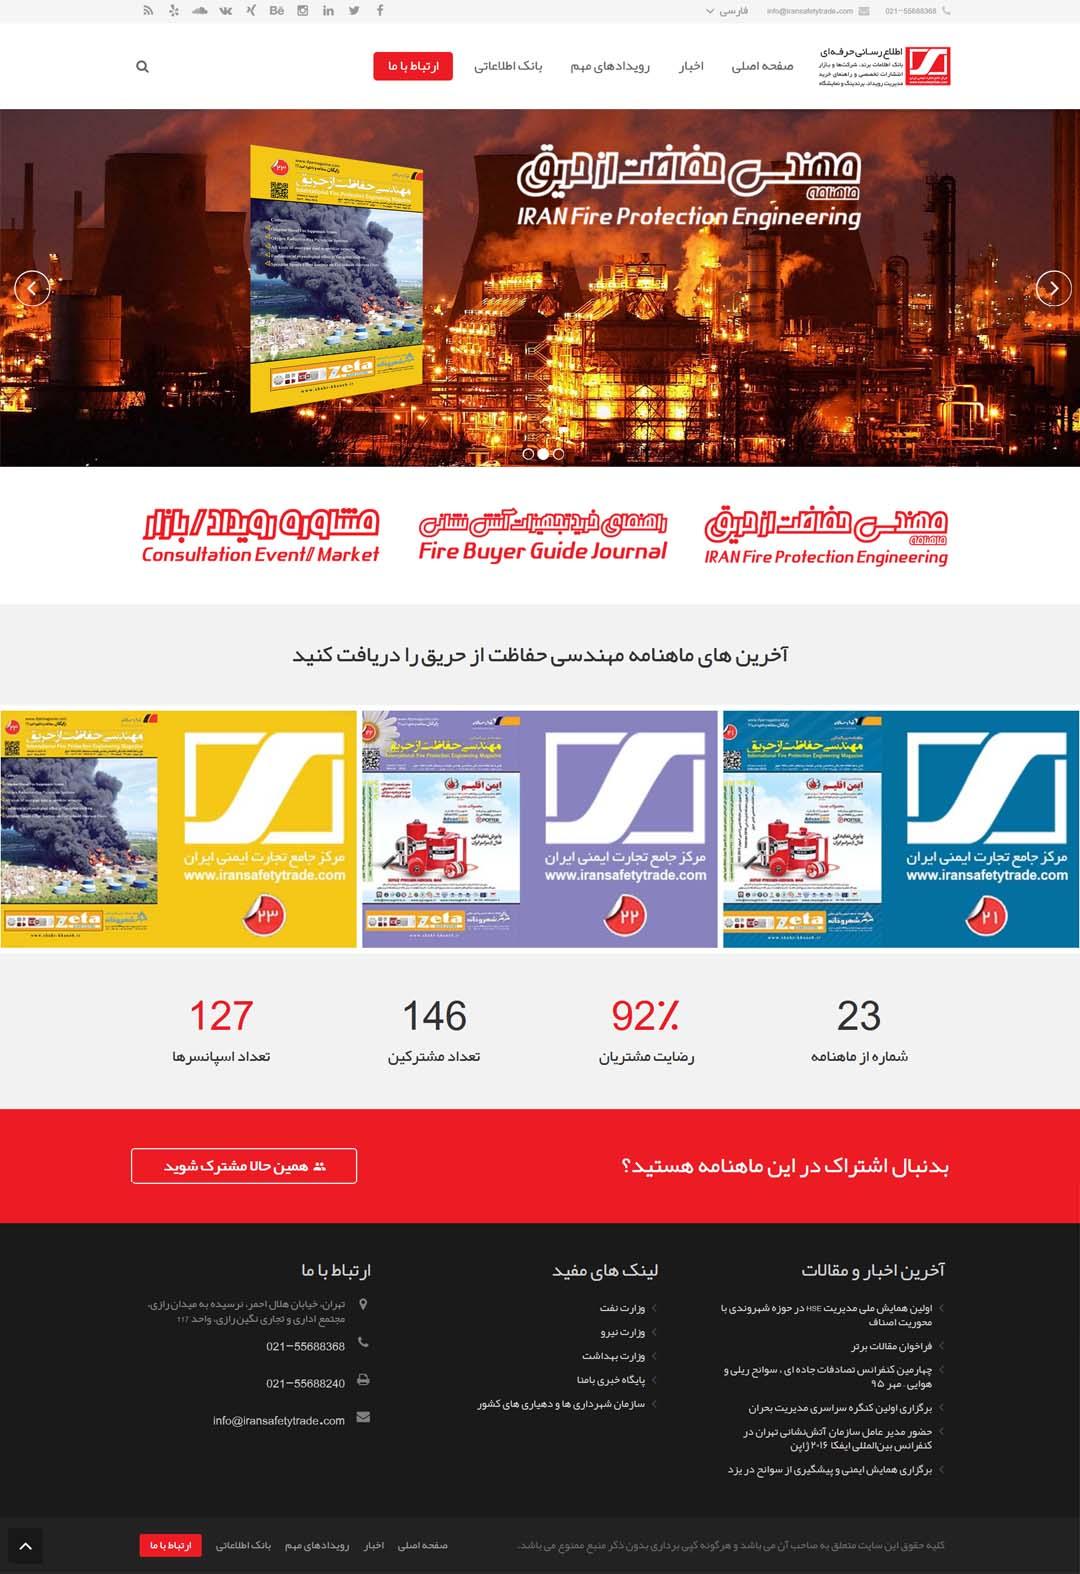 وب سایت سه زبانه تجارت ایمنی ایران